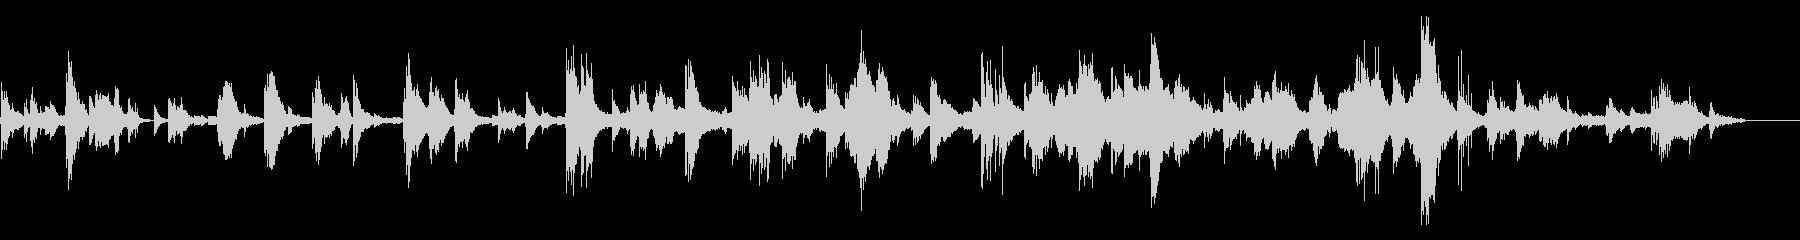 ロシア民謡アレンジ~ピアノ別れのバラードの未再生の波形